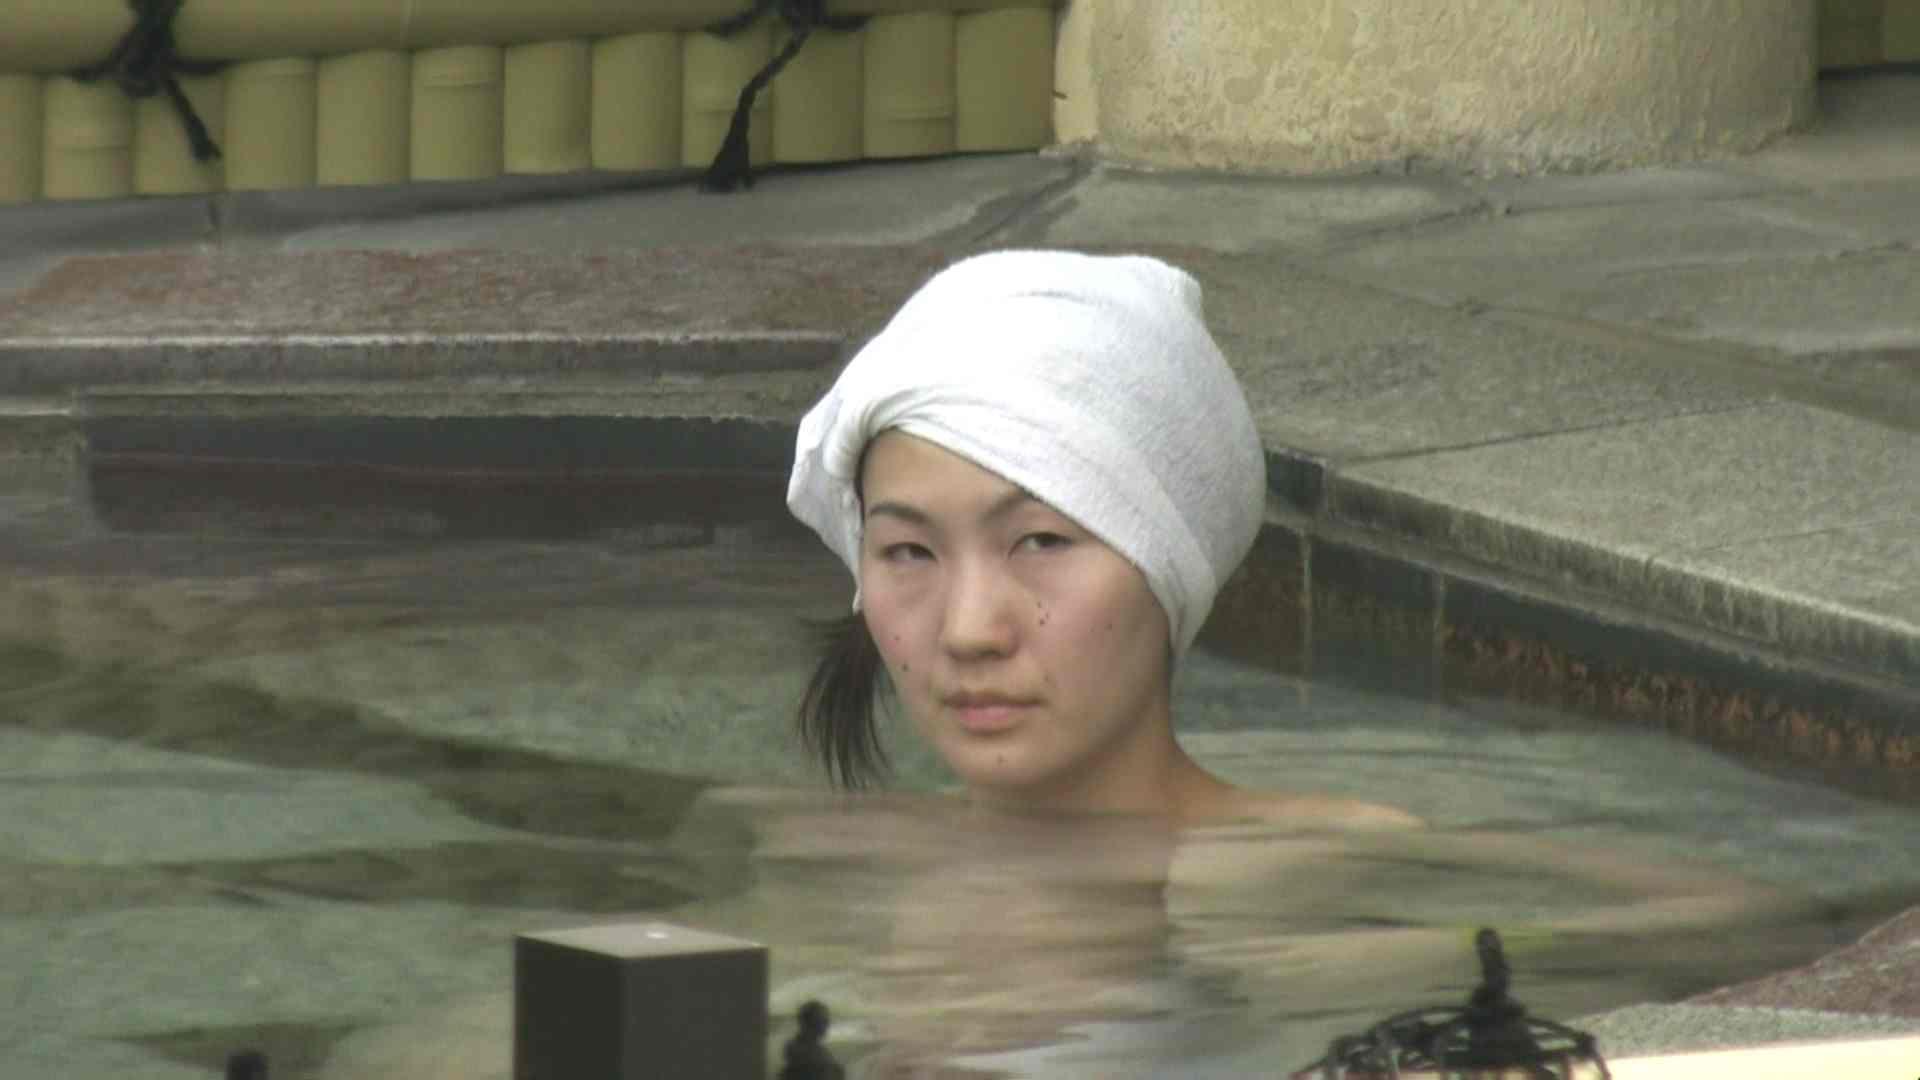 高画質露天女風呂観察 vol.034 女風呂 | Hな乙女  49pic 23